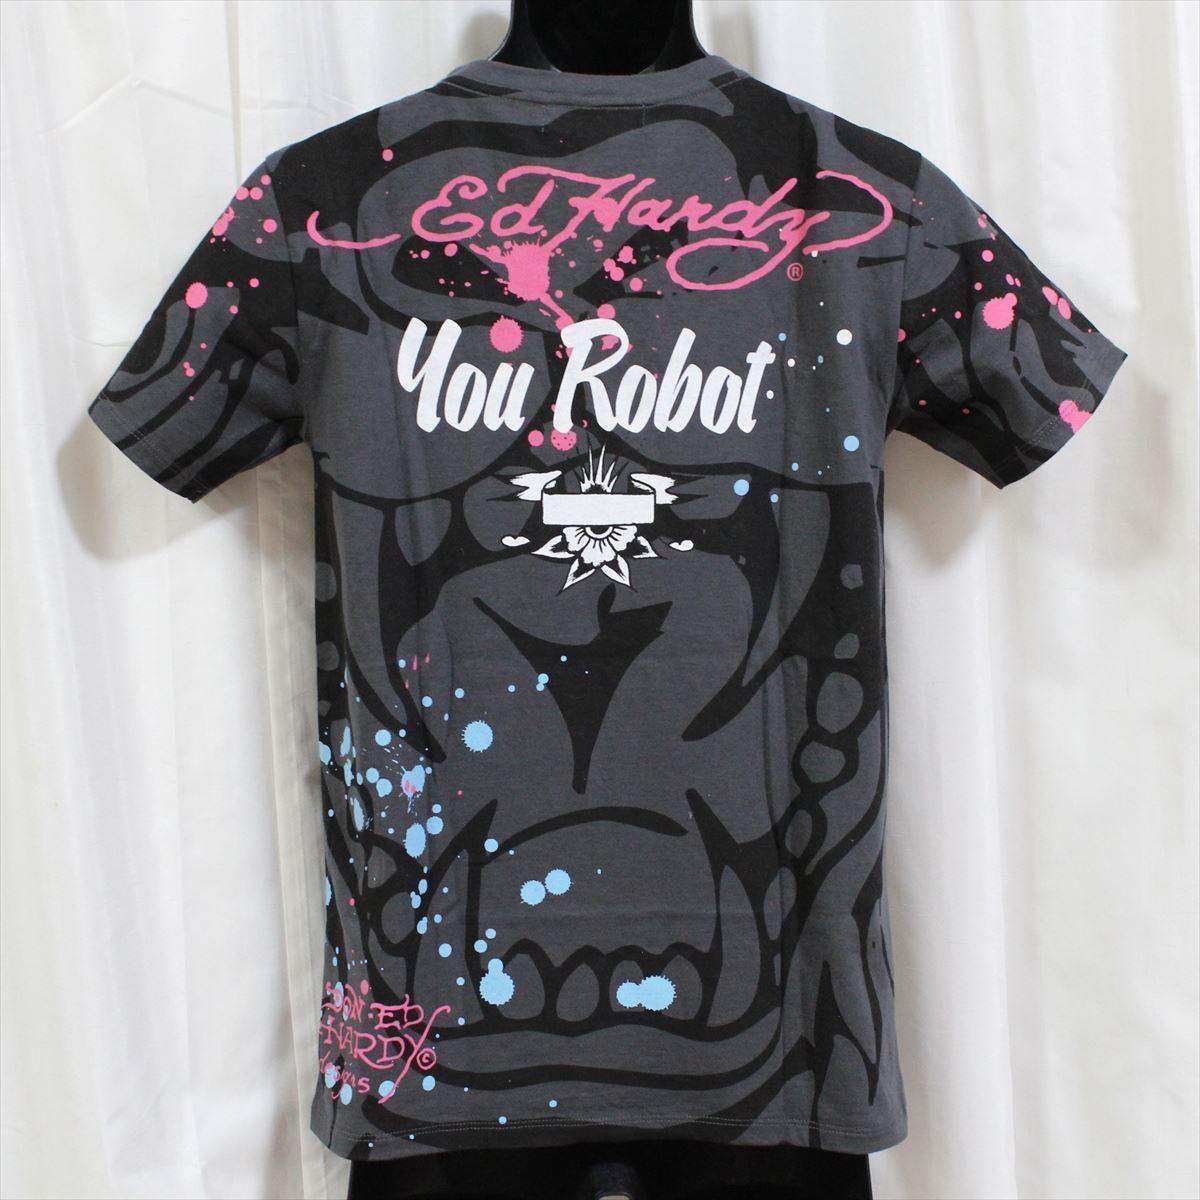 エドハーディー ED HARDY メンズ半袖Tシャツ チャコール Sサイズ 新品 Vネック YOU ROBOT_画像4